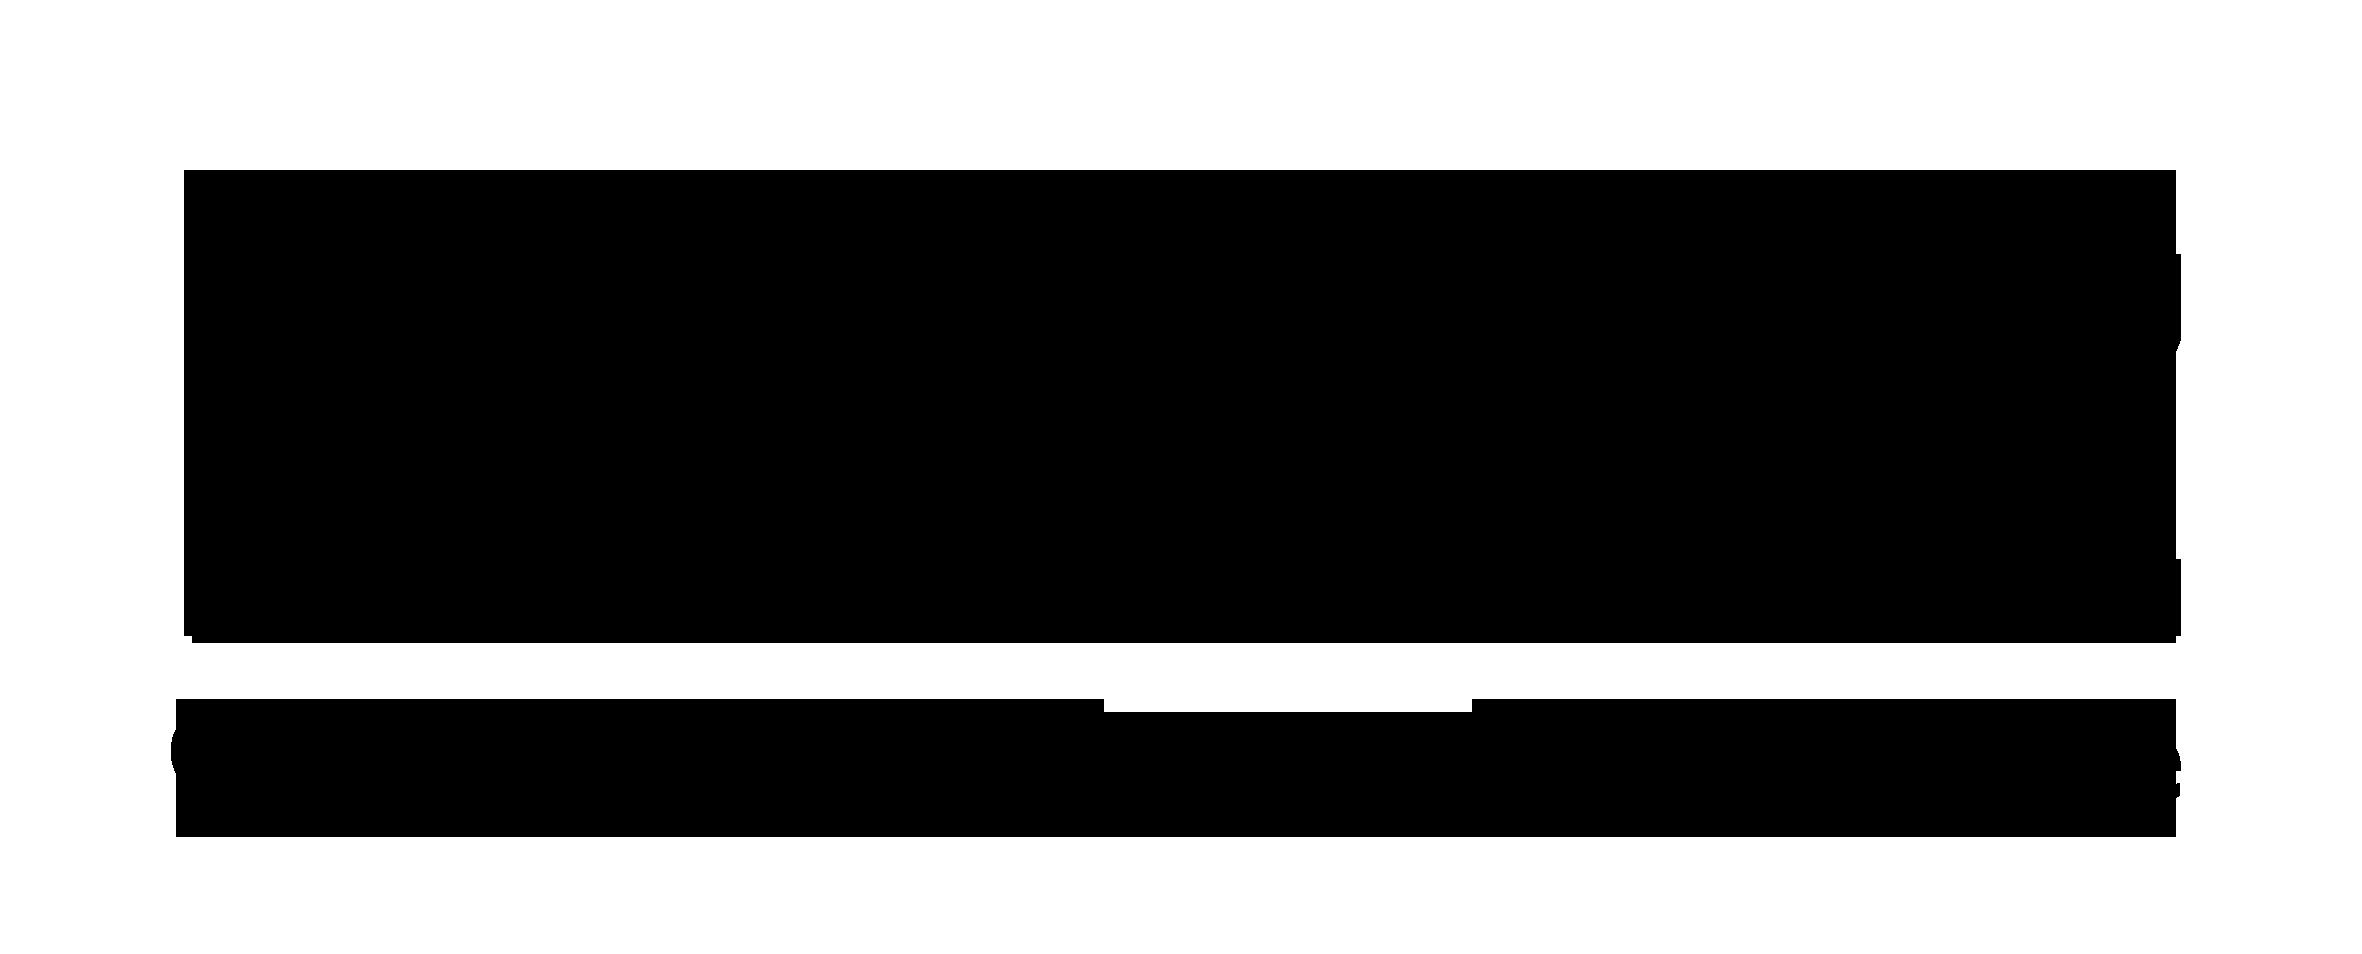 logo-black HI-Res